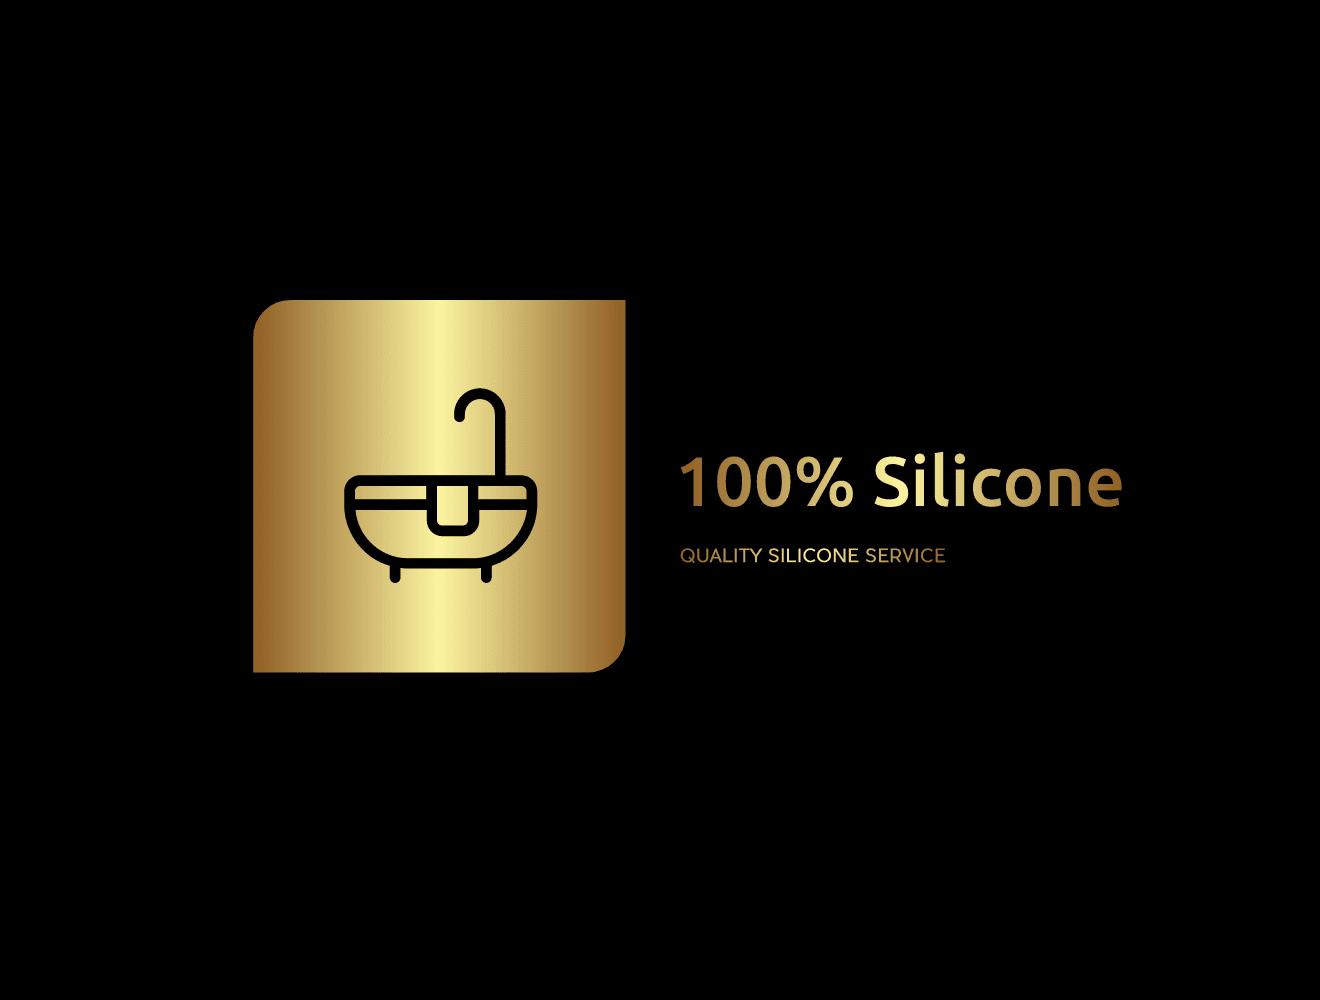 100% Silicone